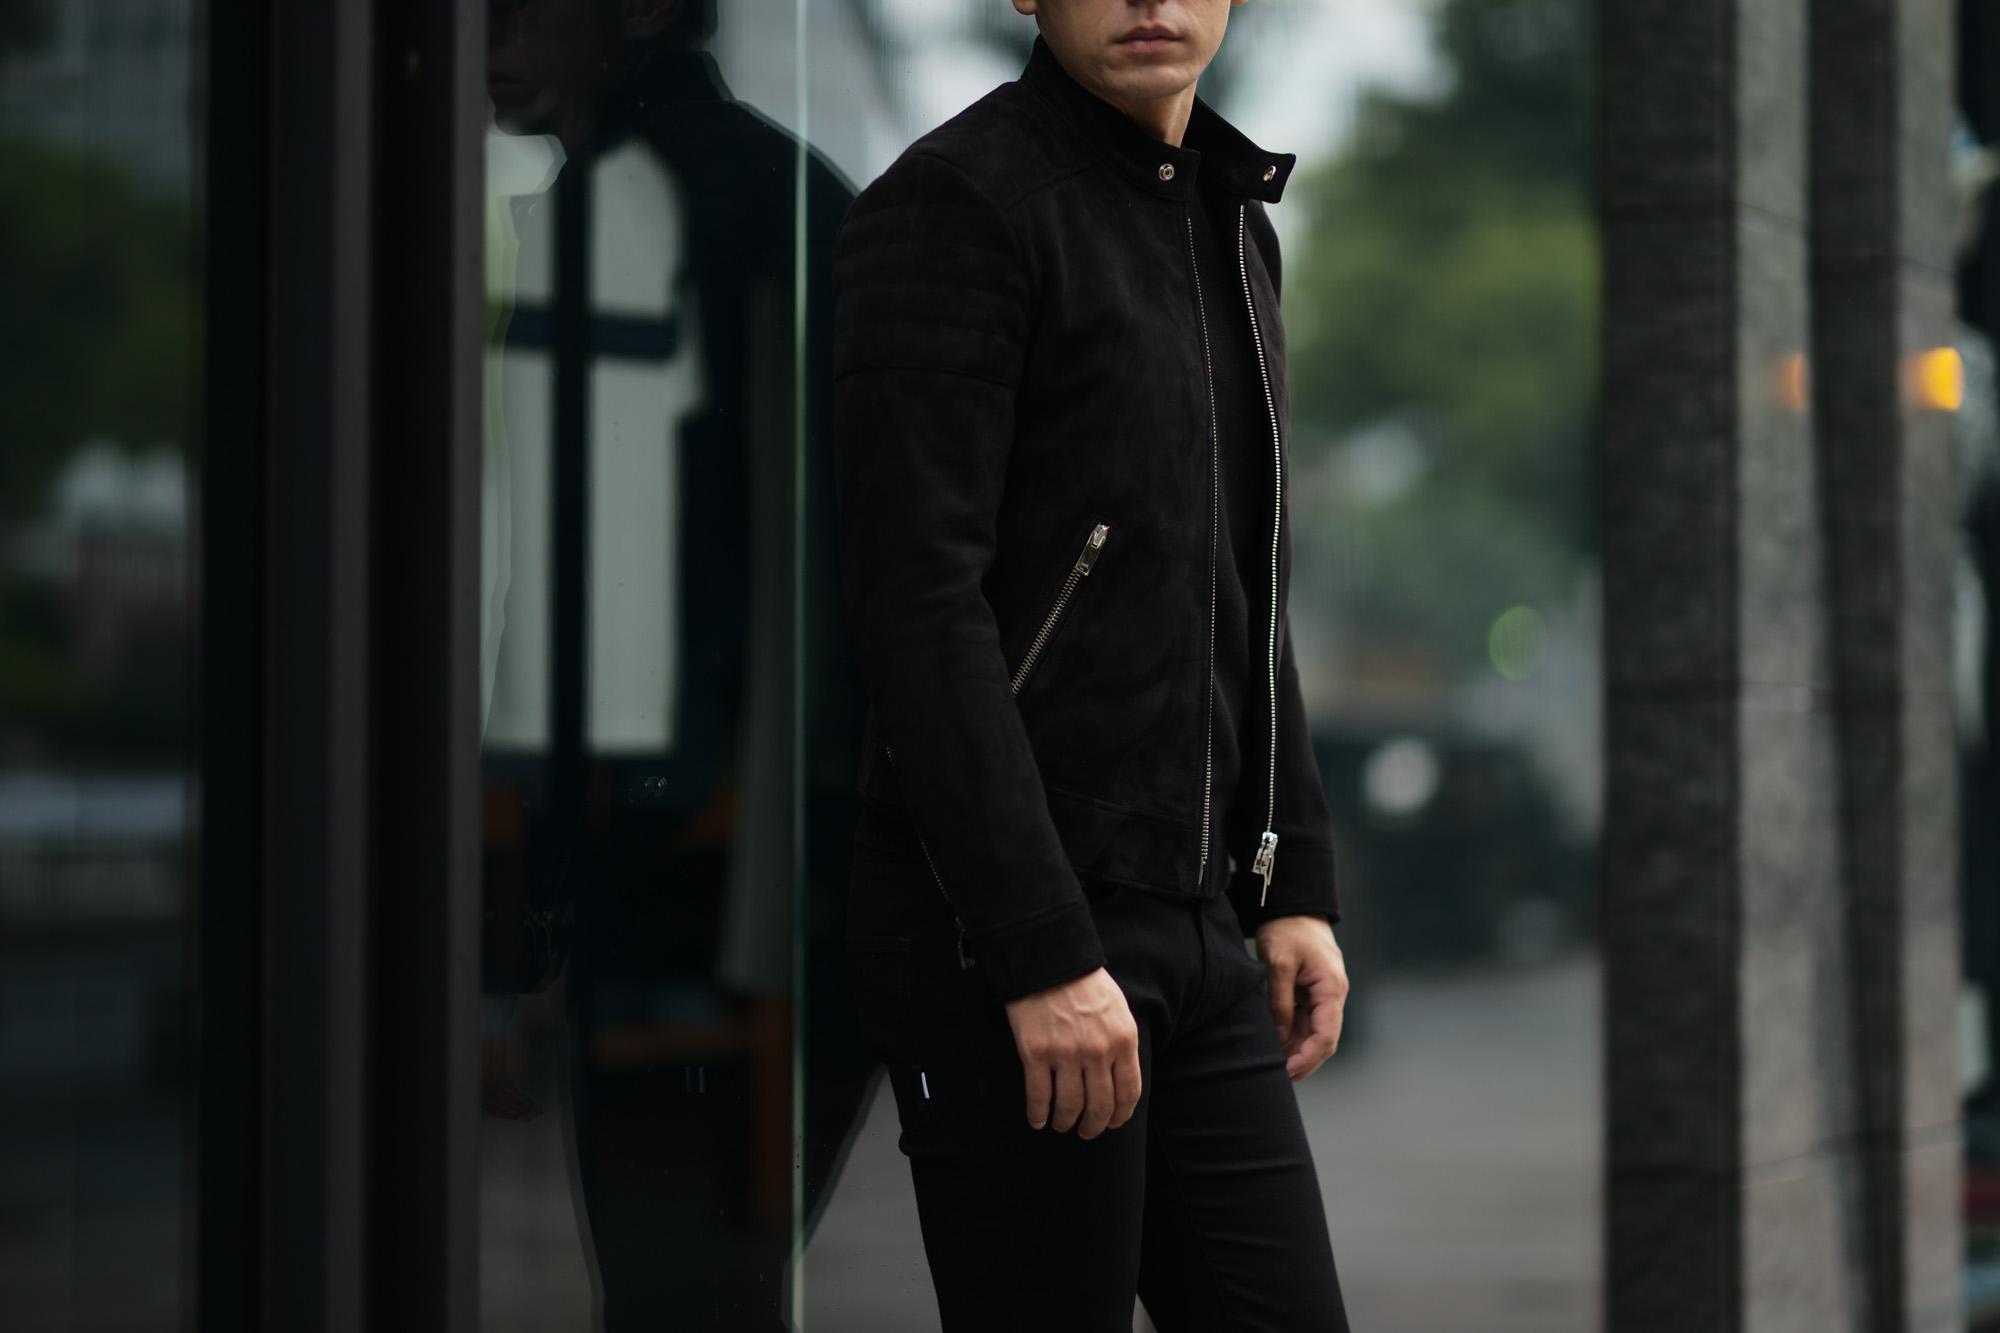 FIXER(フィクサー) F2(エフツー) SINGLE RIDERS Cashmere Suede Leather シングルライダース ジャケット BLACK(ブラック) 【ご予約開始します】【2021.7.24(Sat)~2021.8.08(Sun)】 愛知 名古屋 Alto e Diritto altoediritto アルトエデリット レザージャケット シングルライダース